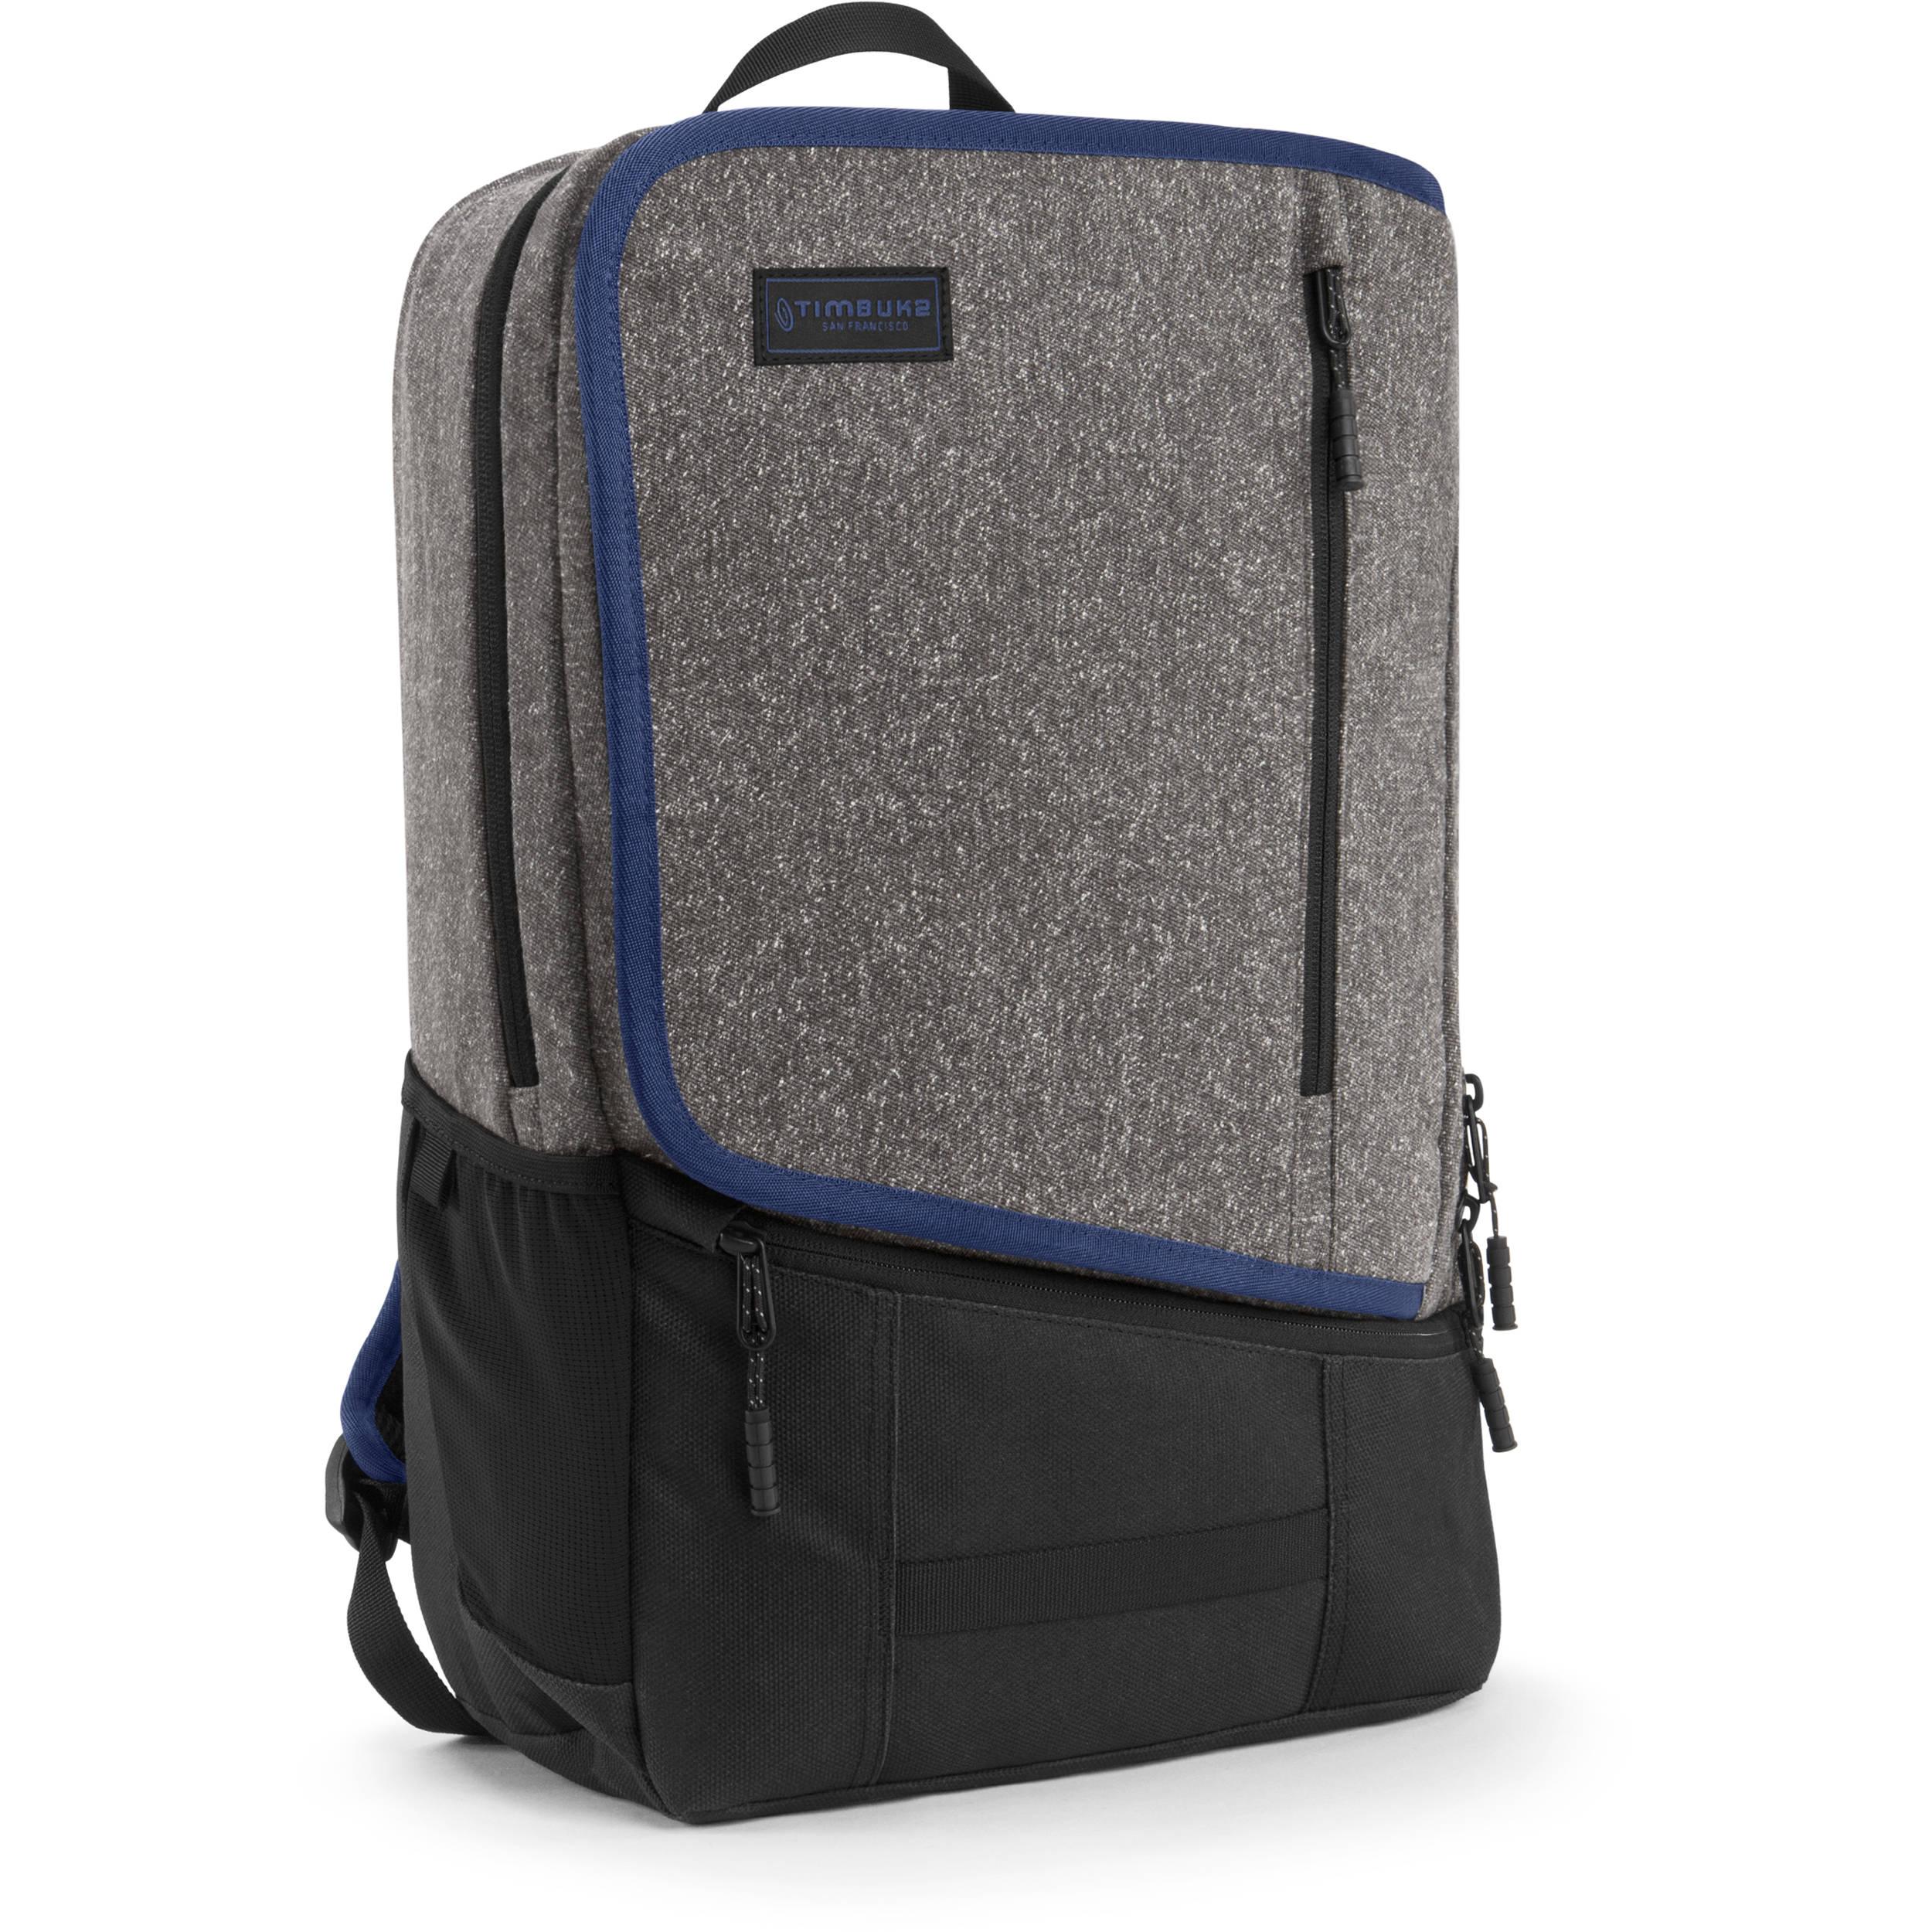 9b29bd7ede1 Timbuk2 Q Laptop Backpack 2014 (Smoke) 396-3-1036 B H Photo